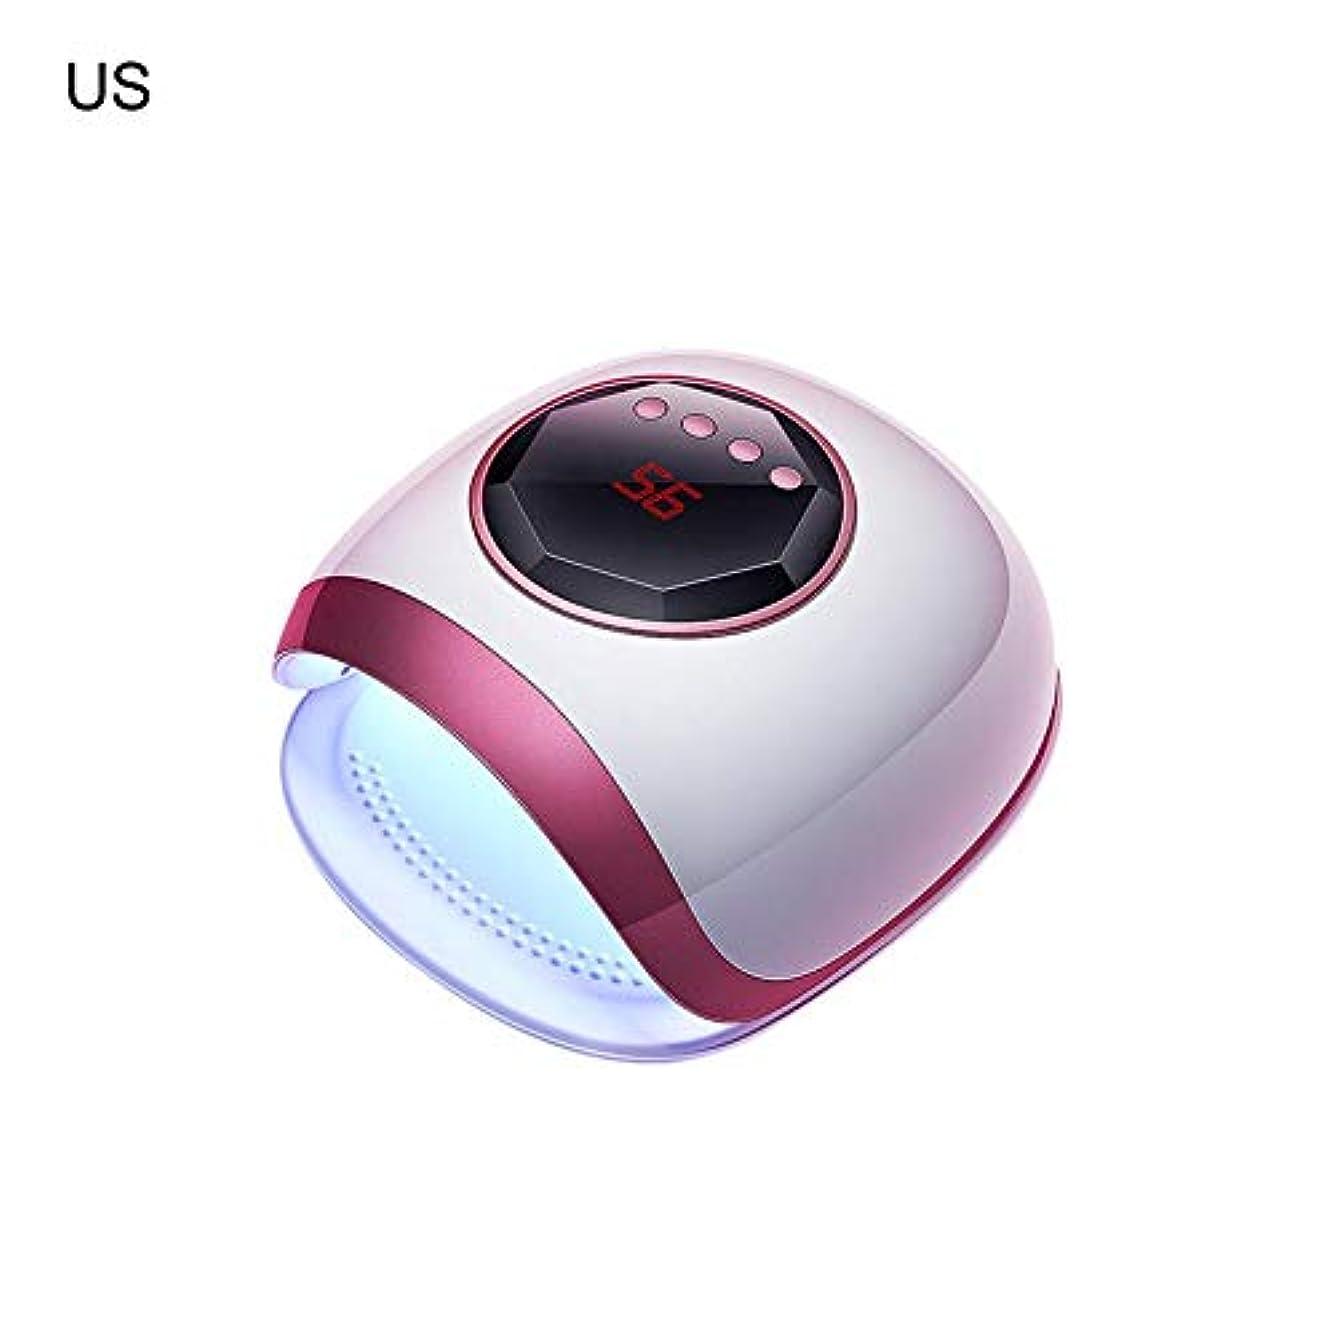 寝てるうなるサイクルRagem-ビューティー LEDネイルドライヤー UVライト タイマー設定可能 72W LED硬化ライト 高速硬化ジェルネイルライト 自動センサー機能 ハンドフット両用